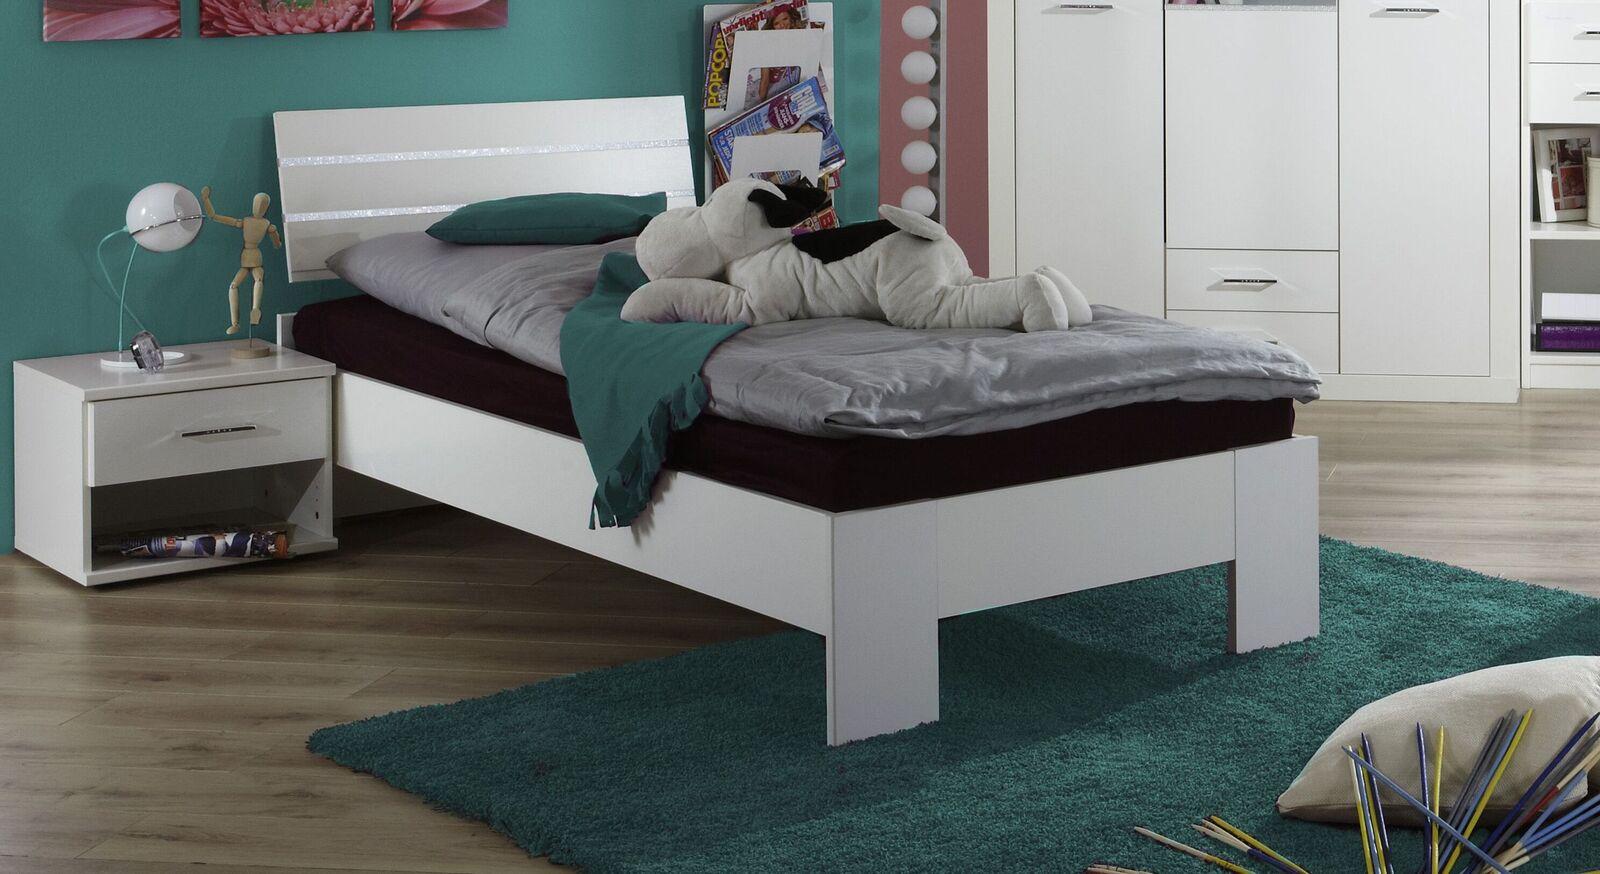 Bett Lajana in praktischer Einzelbett-Größe